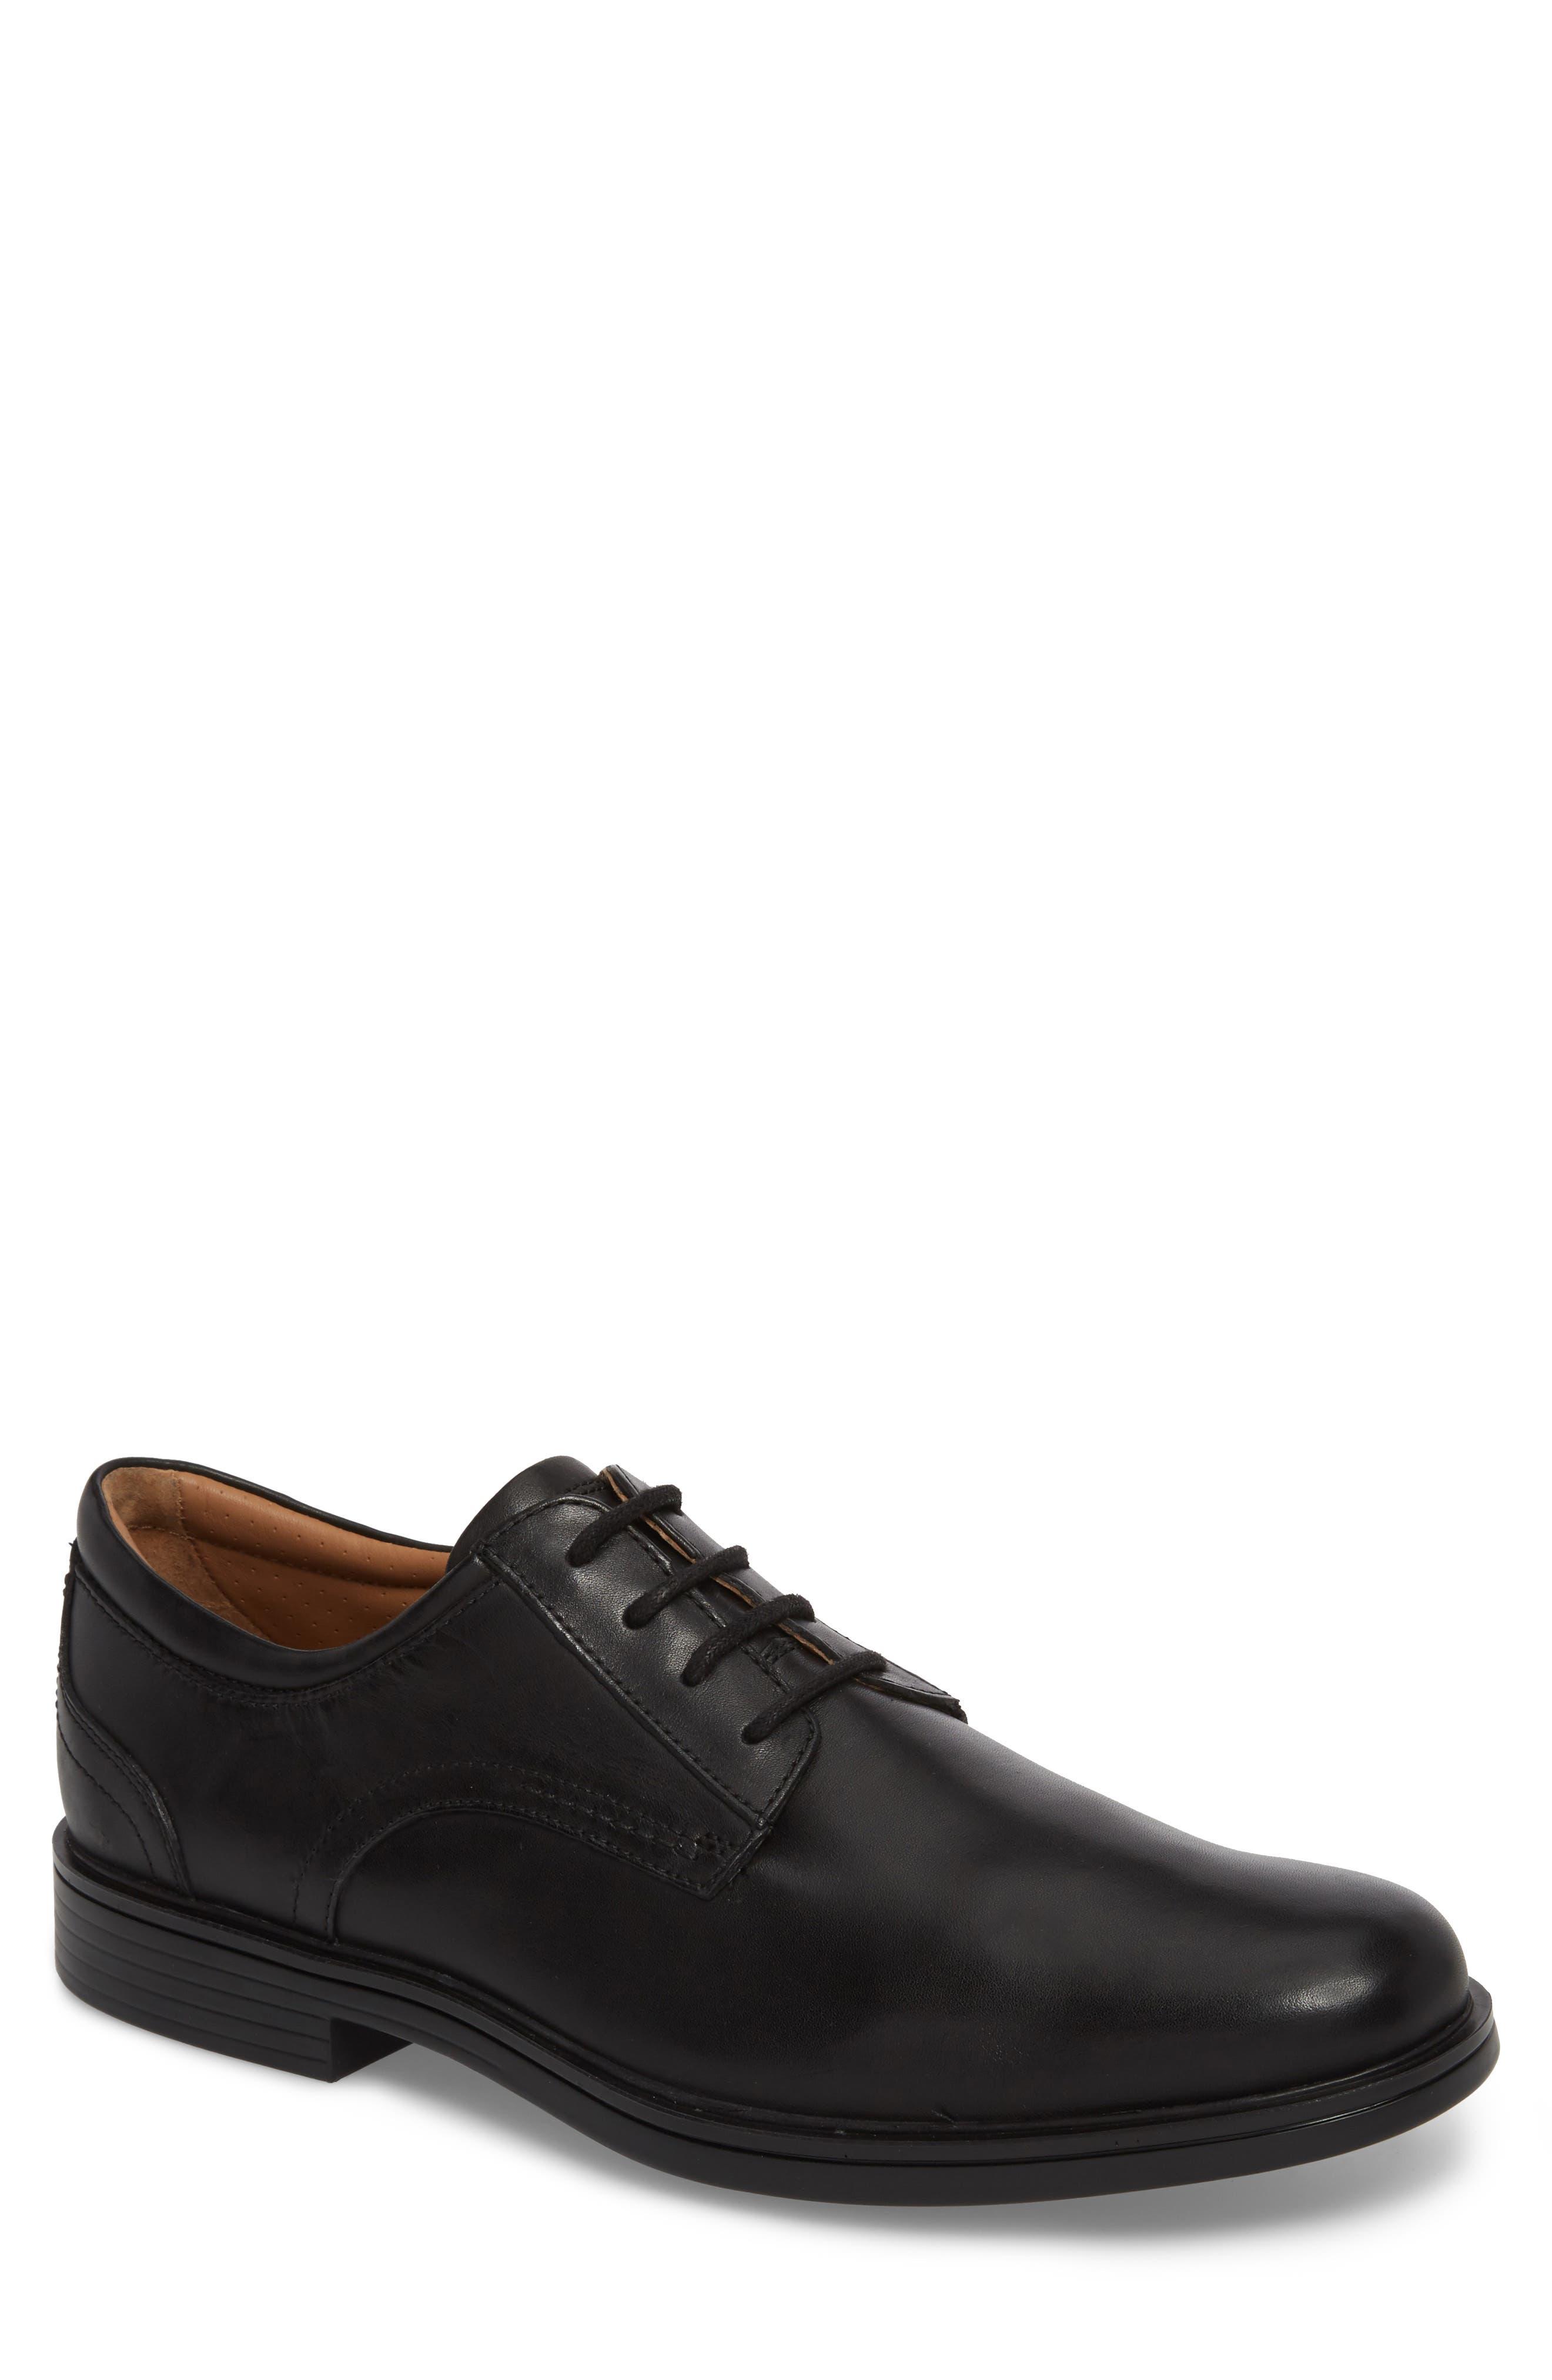 Unaldric Plain Toe Derby,                         Main,                         color, BLACK LEATHER